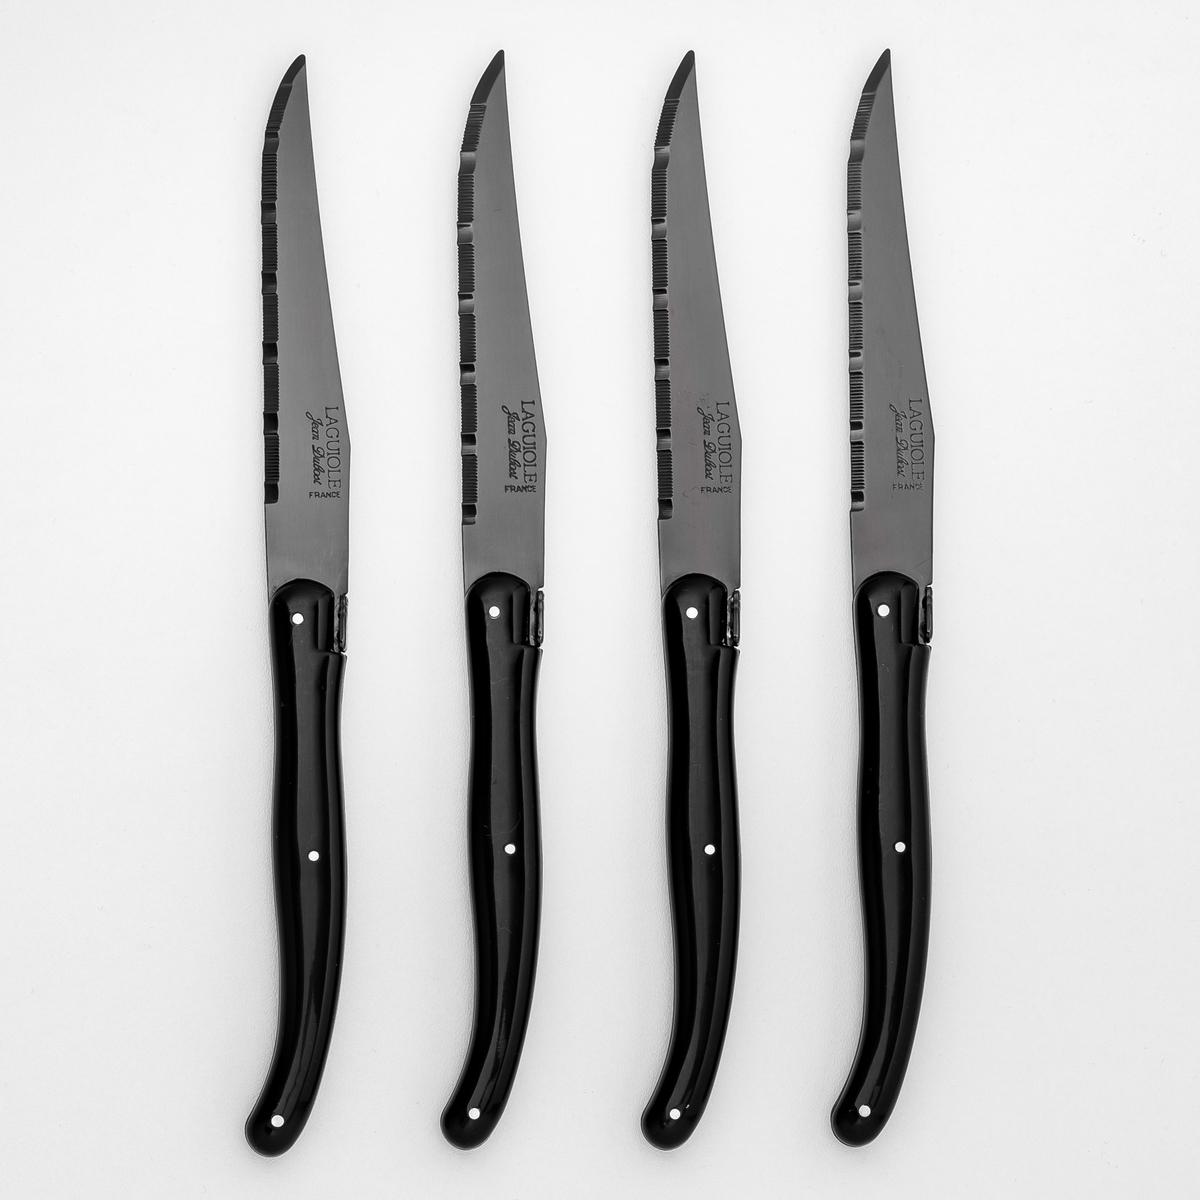 Нож для мяса с черным лезвием Laguiole Jean Dubost (комплект из 4 штук)<br><br>Цвет: черный<br>Размер: единый размер